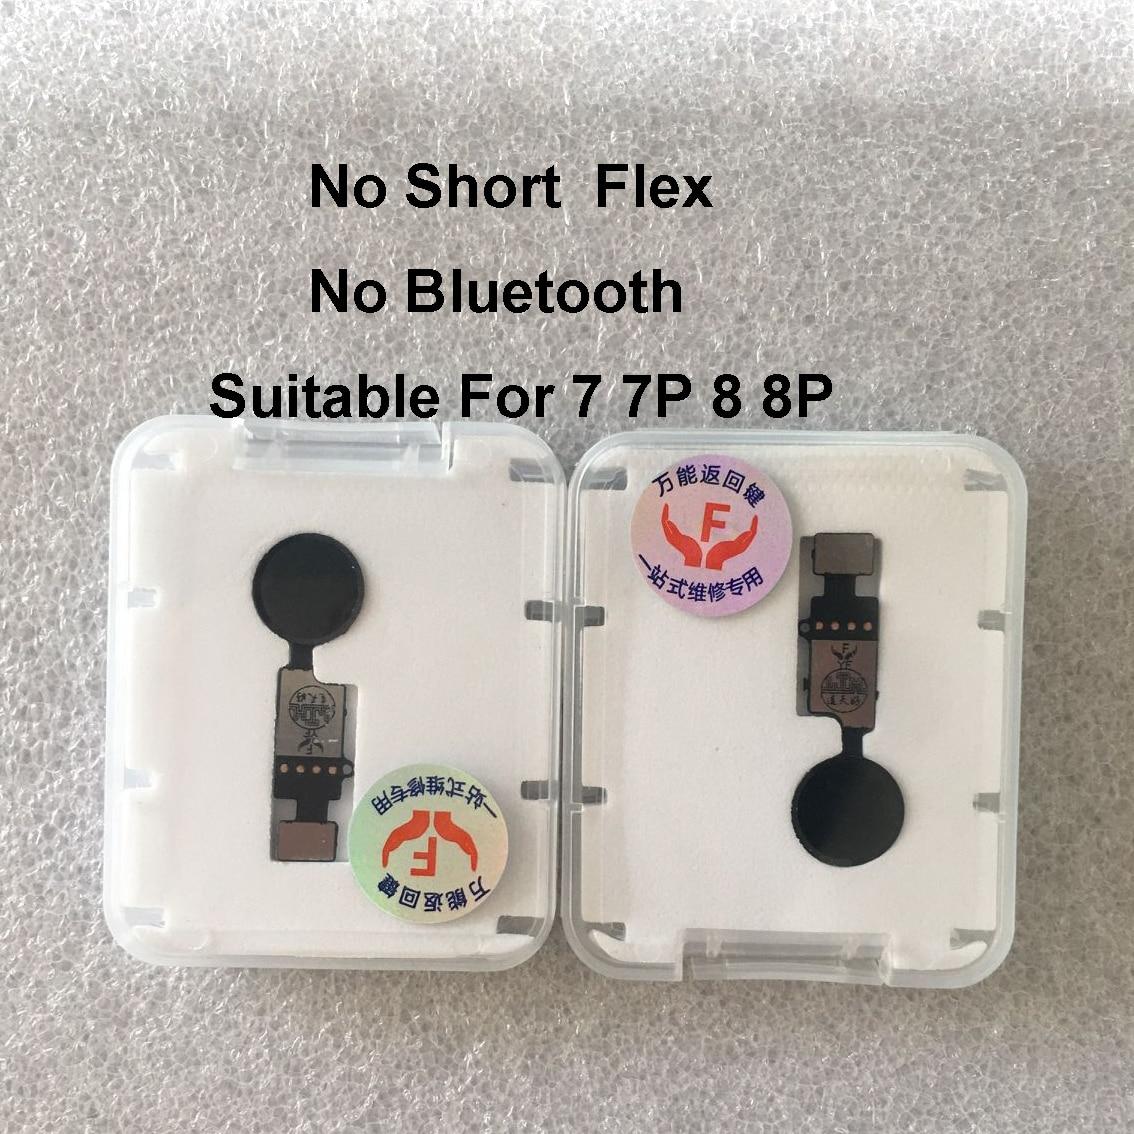 אוניברסלי לחצן בית Flex כבל עבור iPhone 7 8 בתוספת תפריט לוח מקשים חזור על כיבוי Fuction פתרון